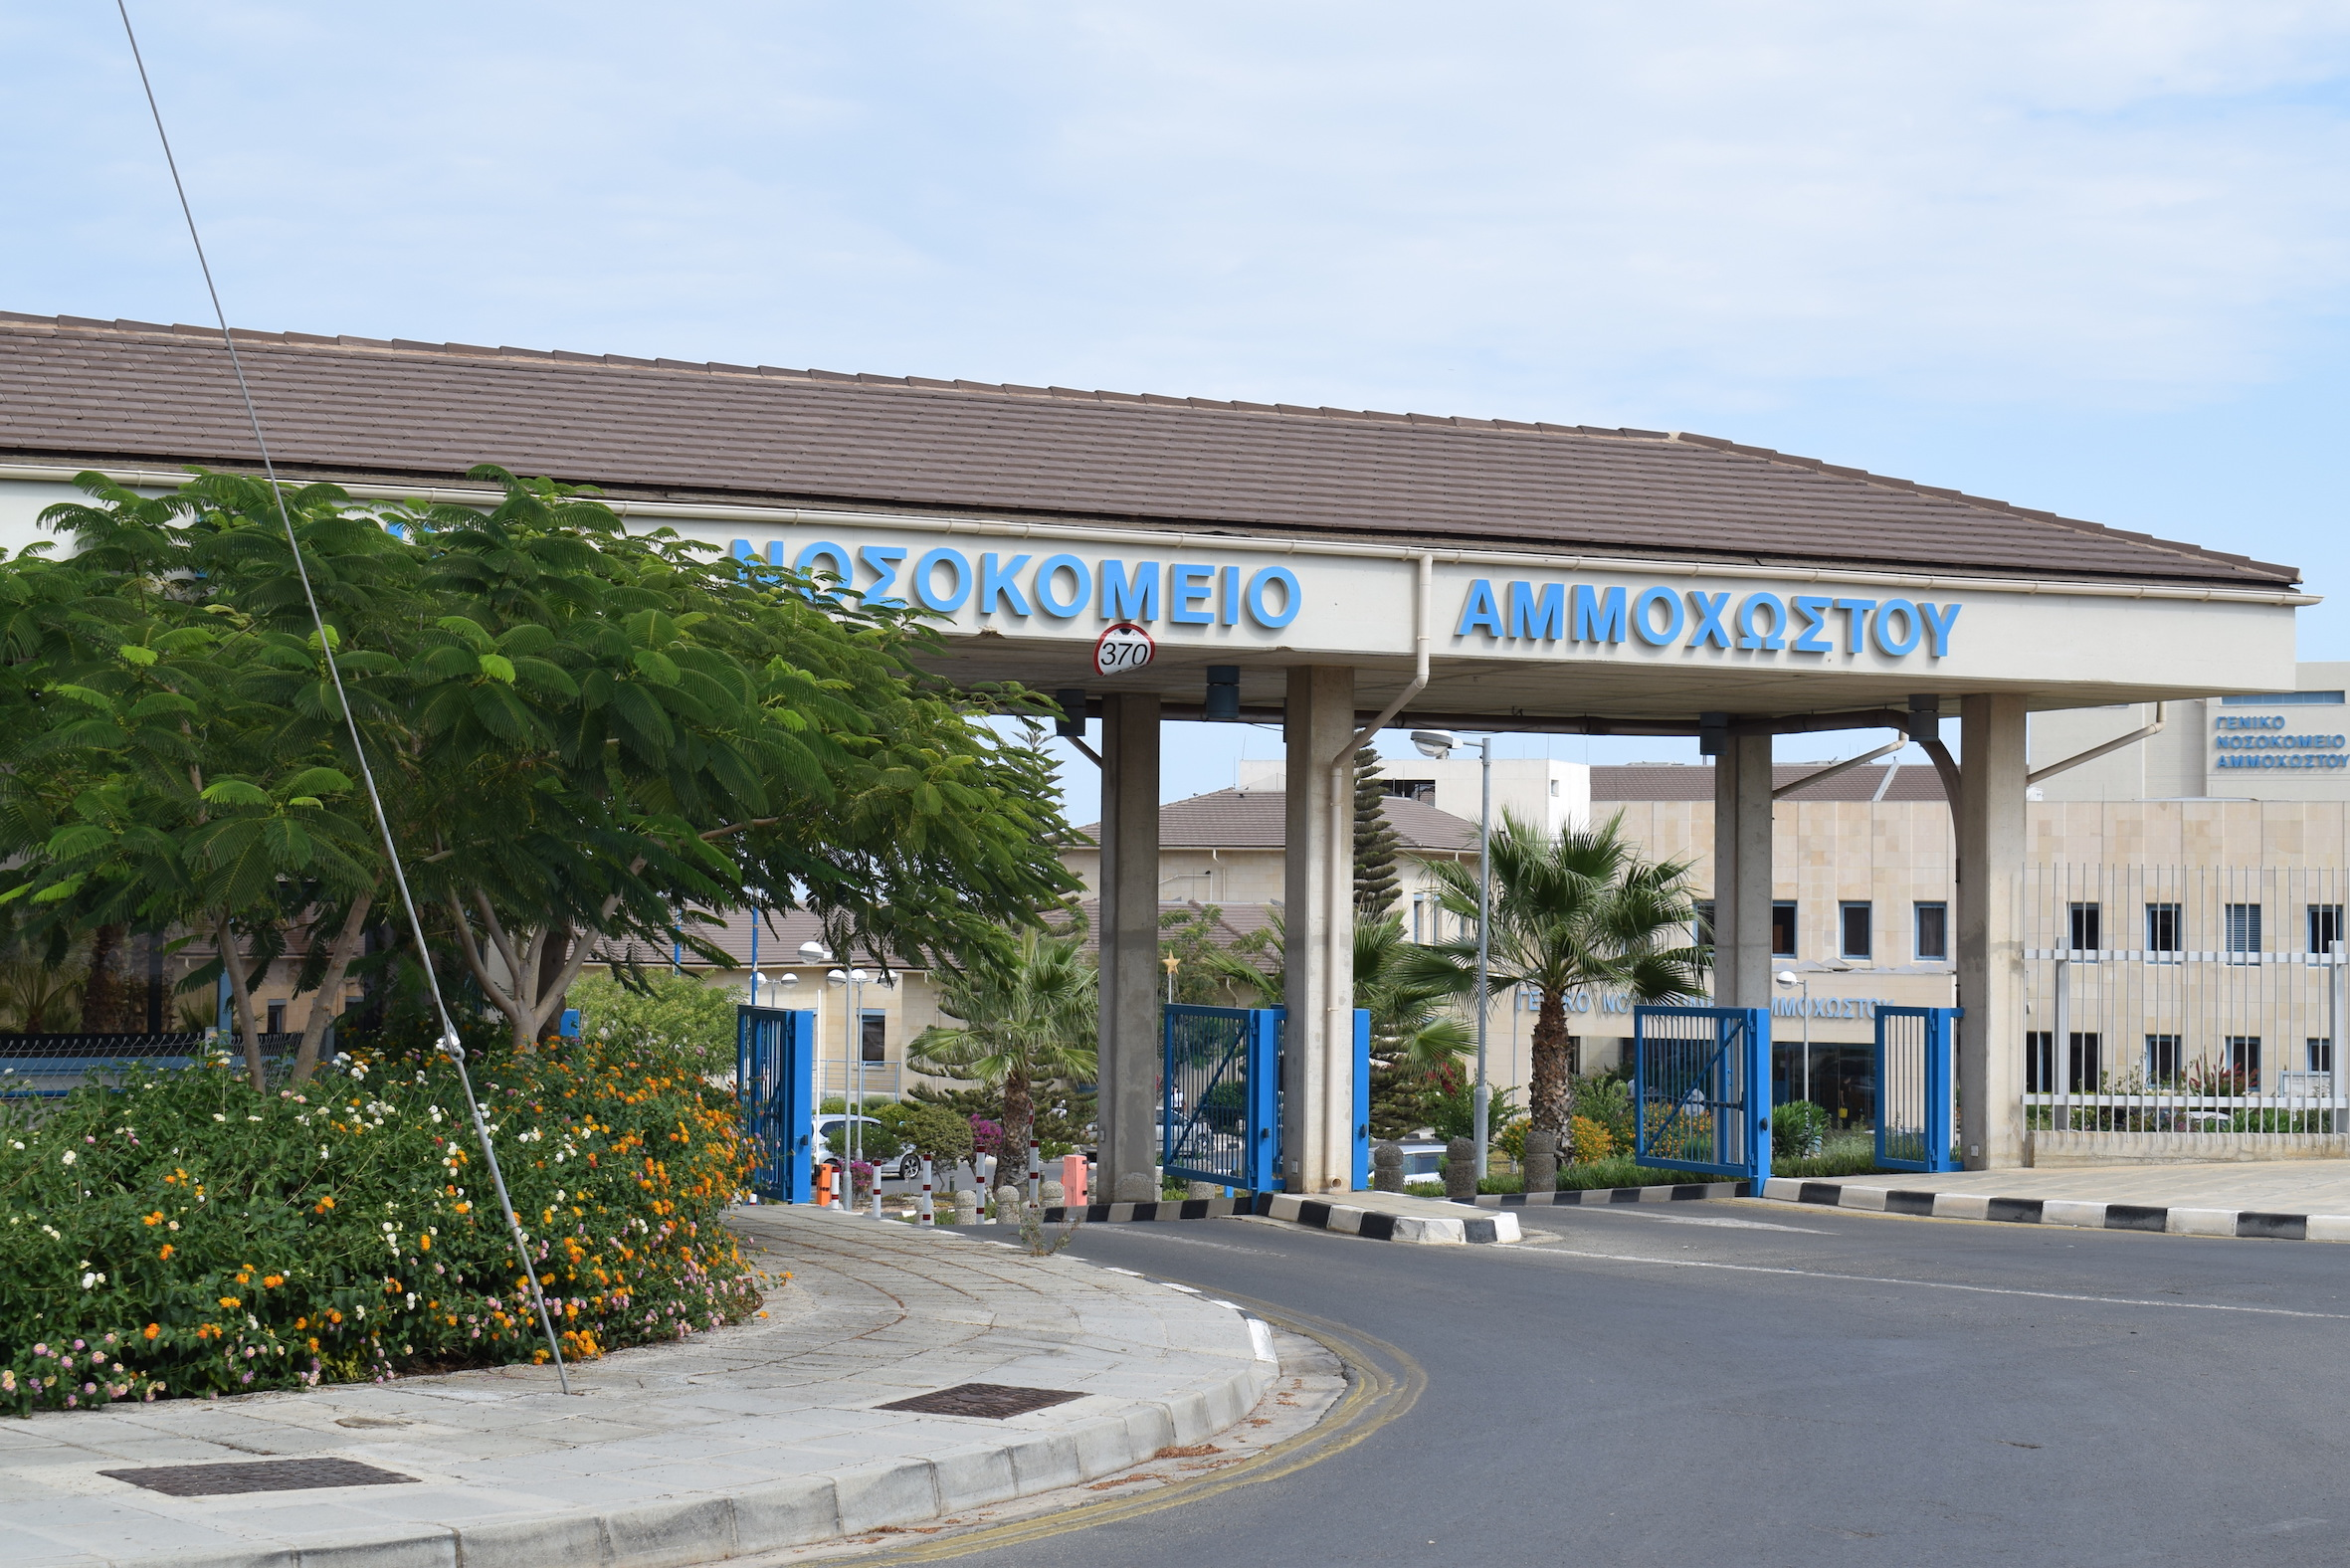 Μέλος του γυναικολογικού τμήματος του νοσοκομείου Αμμοχώστου θετικό στον κορωνοϊό, πέντε πήραν εξιτήριο